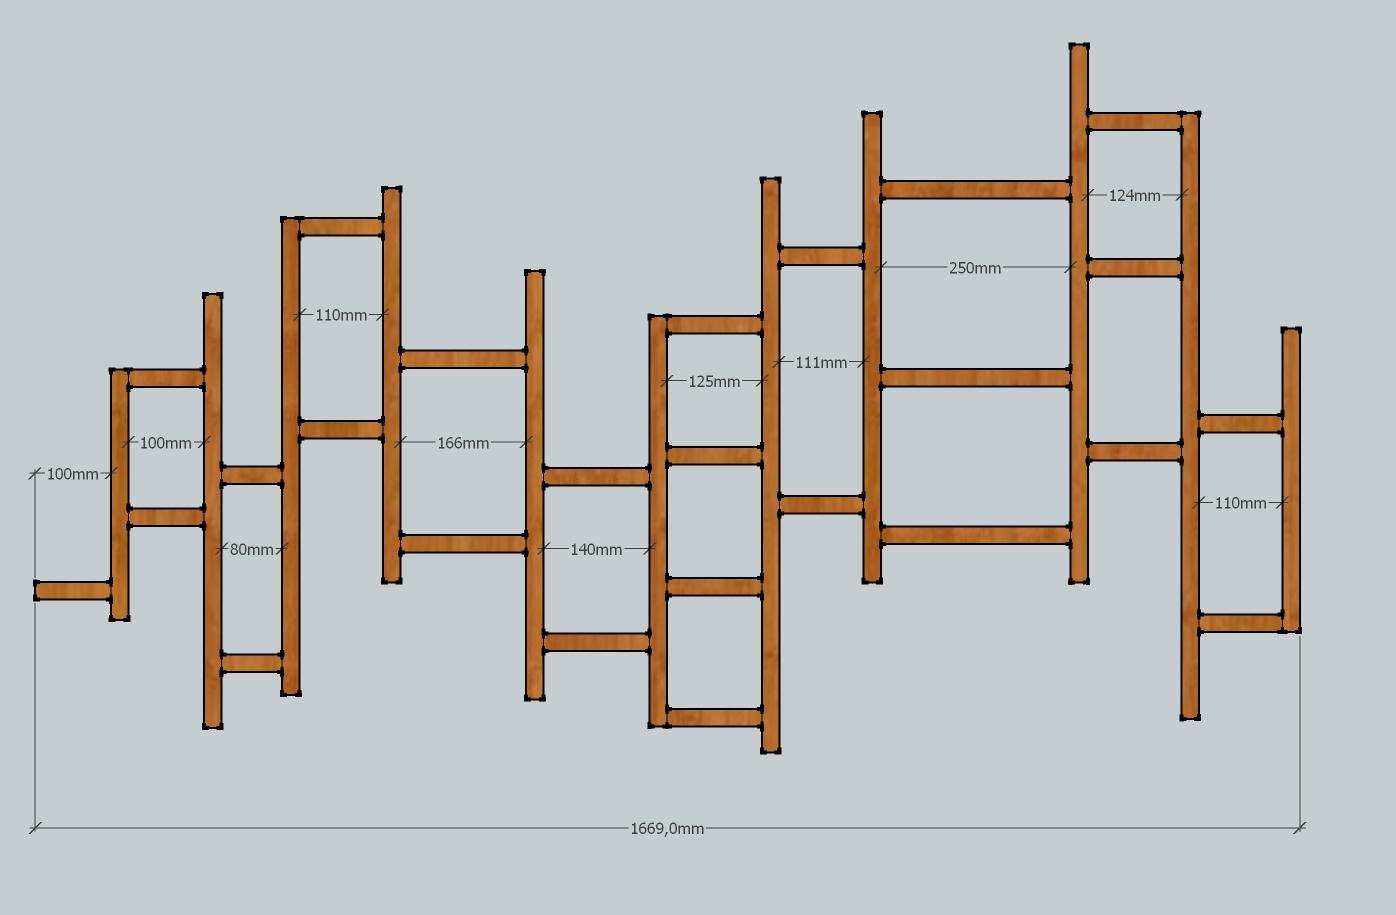 des tag res murales compl ments de plans bois le bouvet. Black Bedroom Furniture Sets. Home Design Ideas